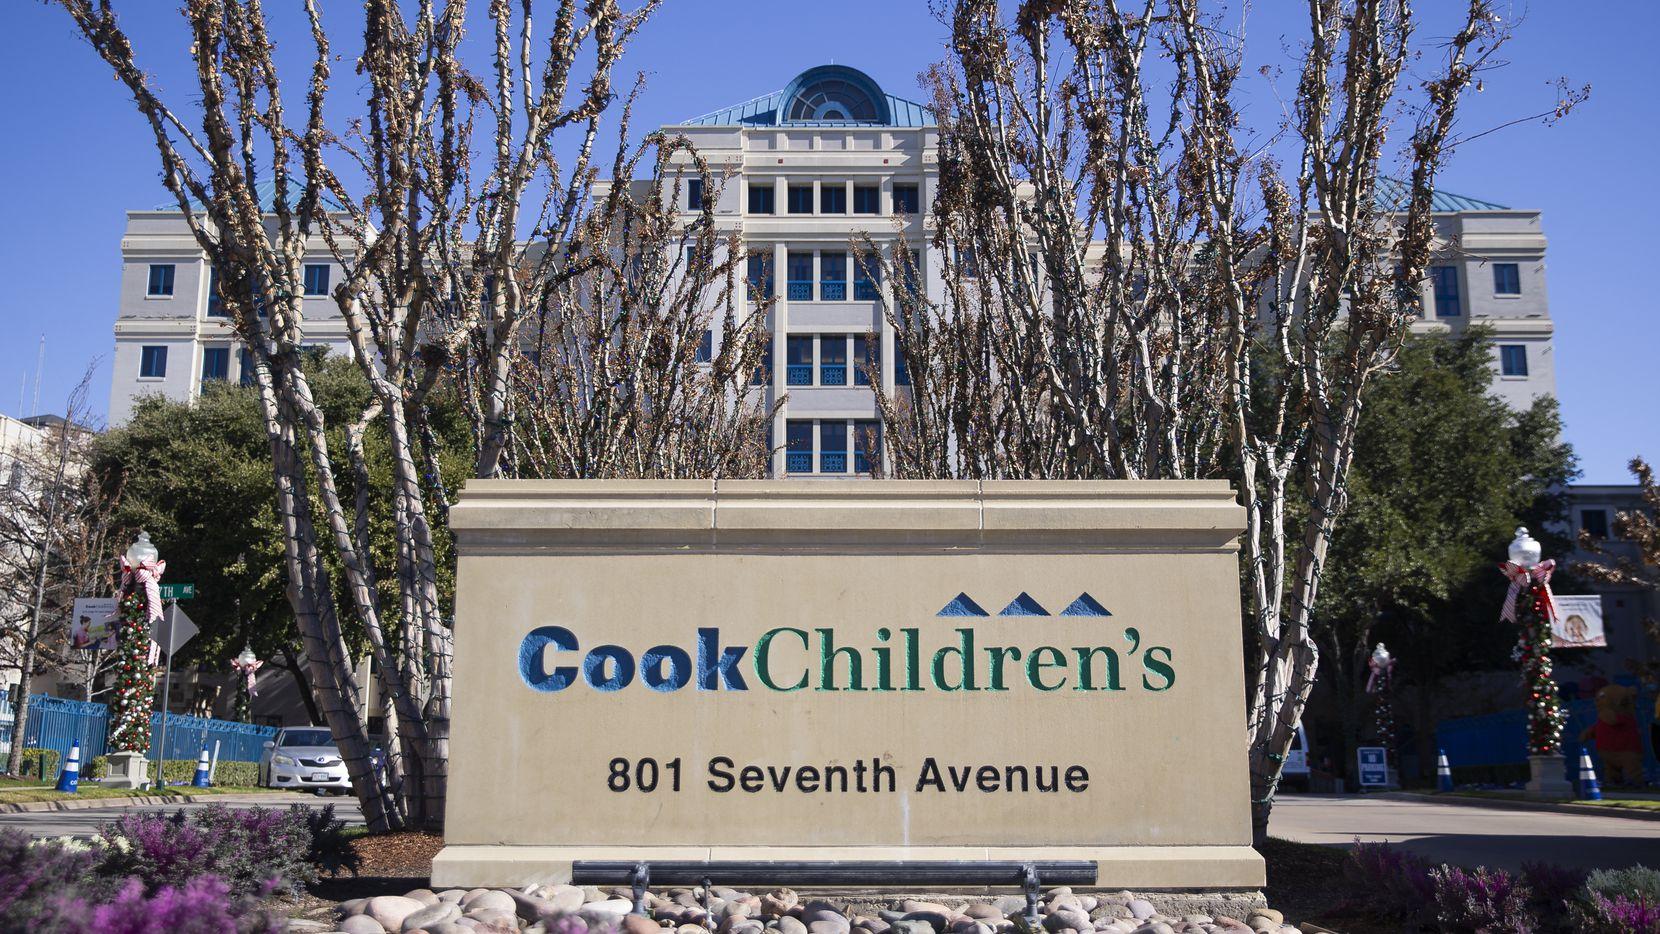 Actualmente hay 16 niños hospitalizados con covid-19 en el hospital Children's Cook.